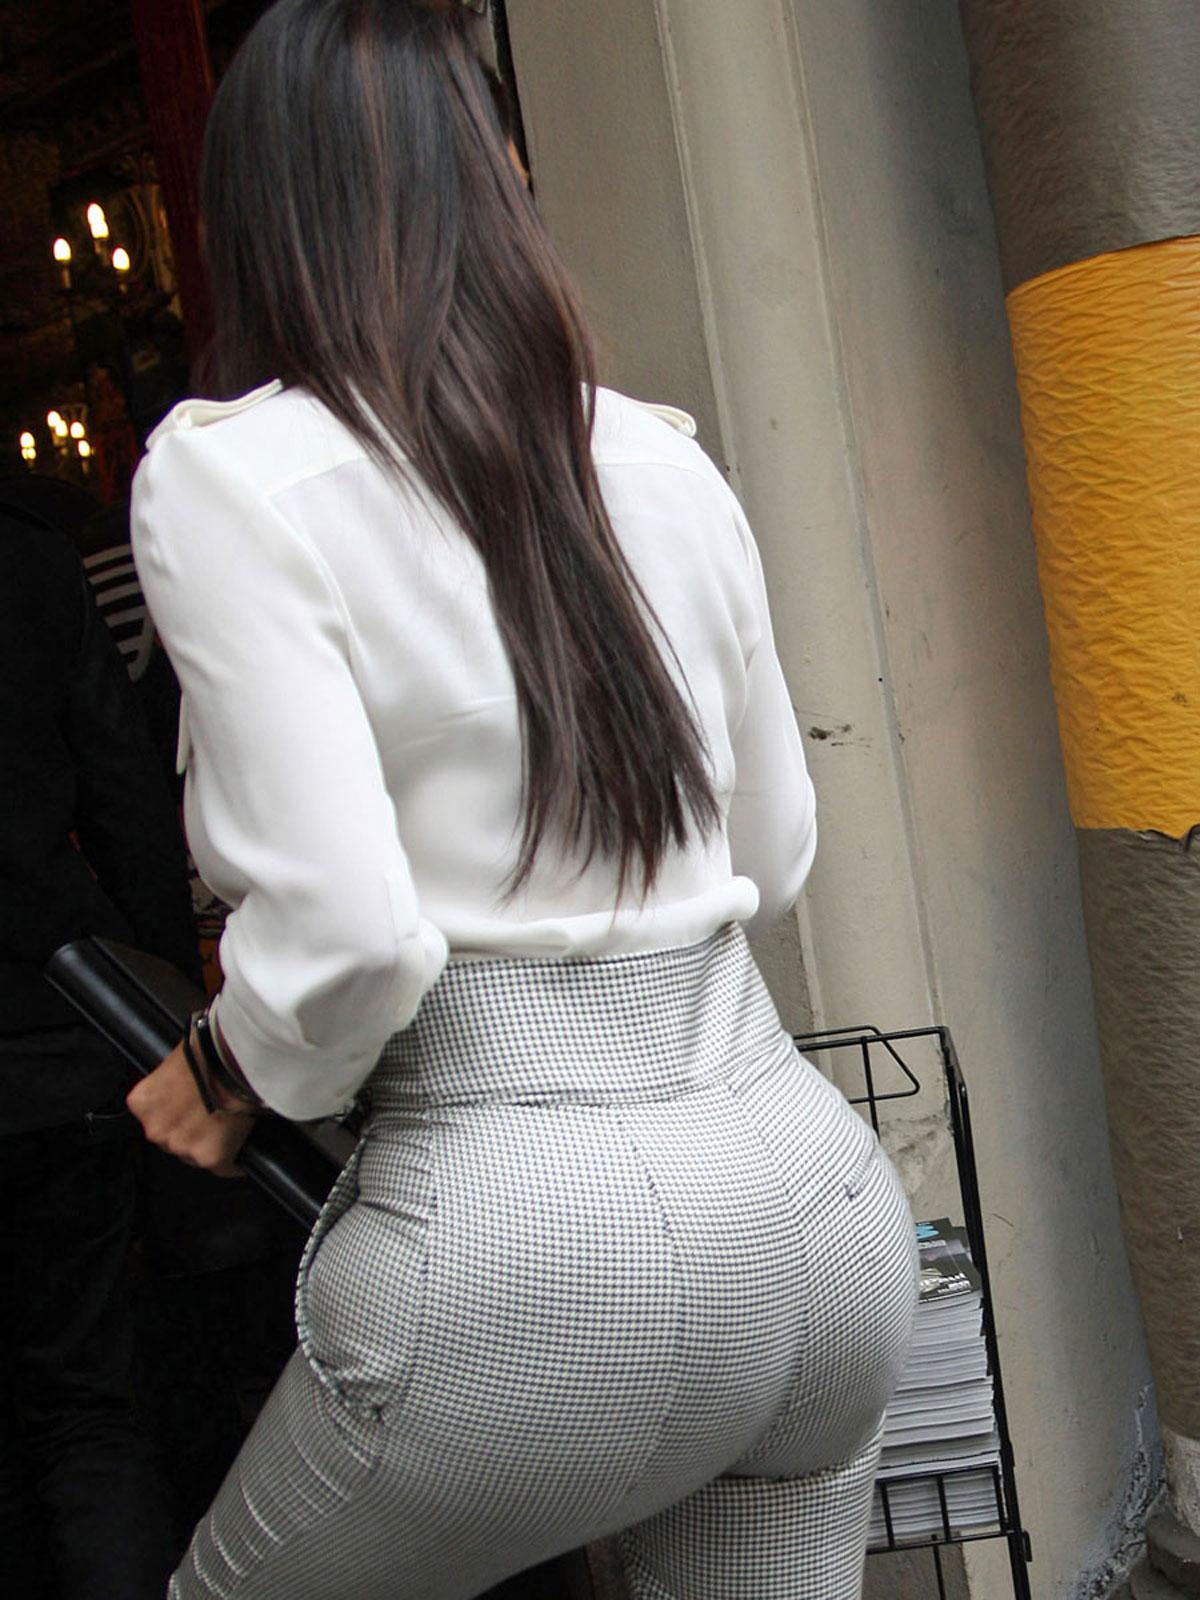 область большие жопы в брюках фото неплохо разбирается антикризисном